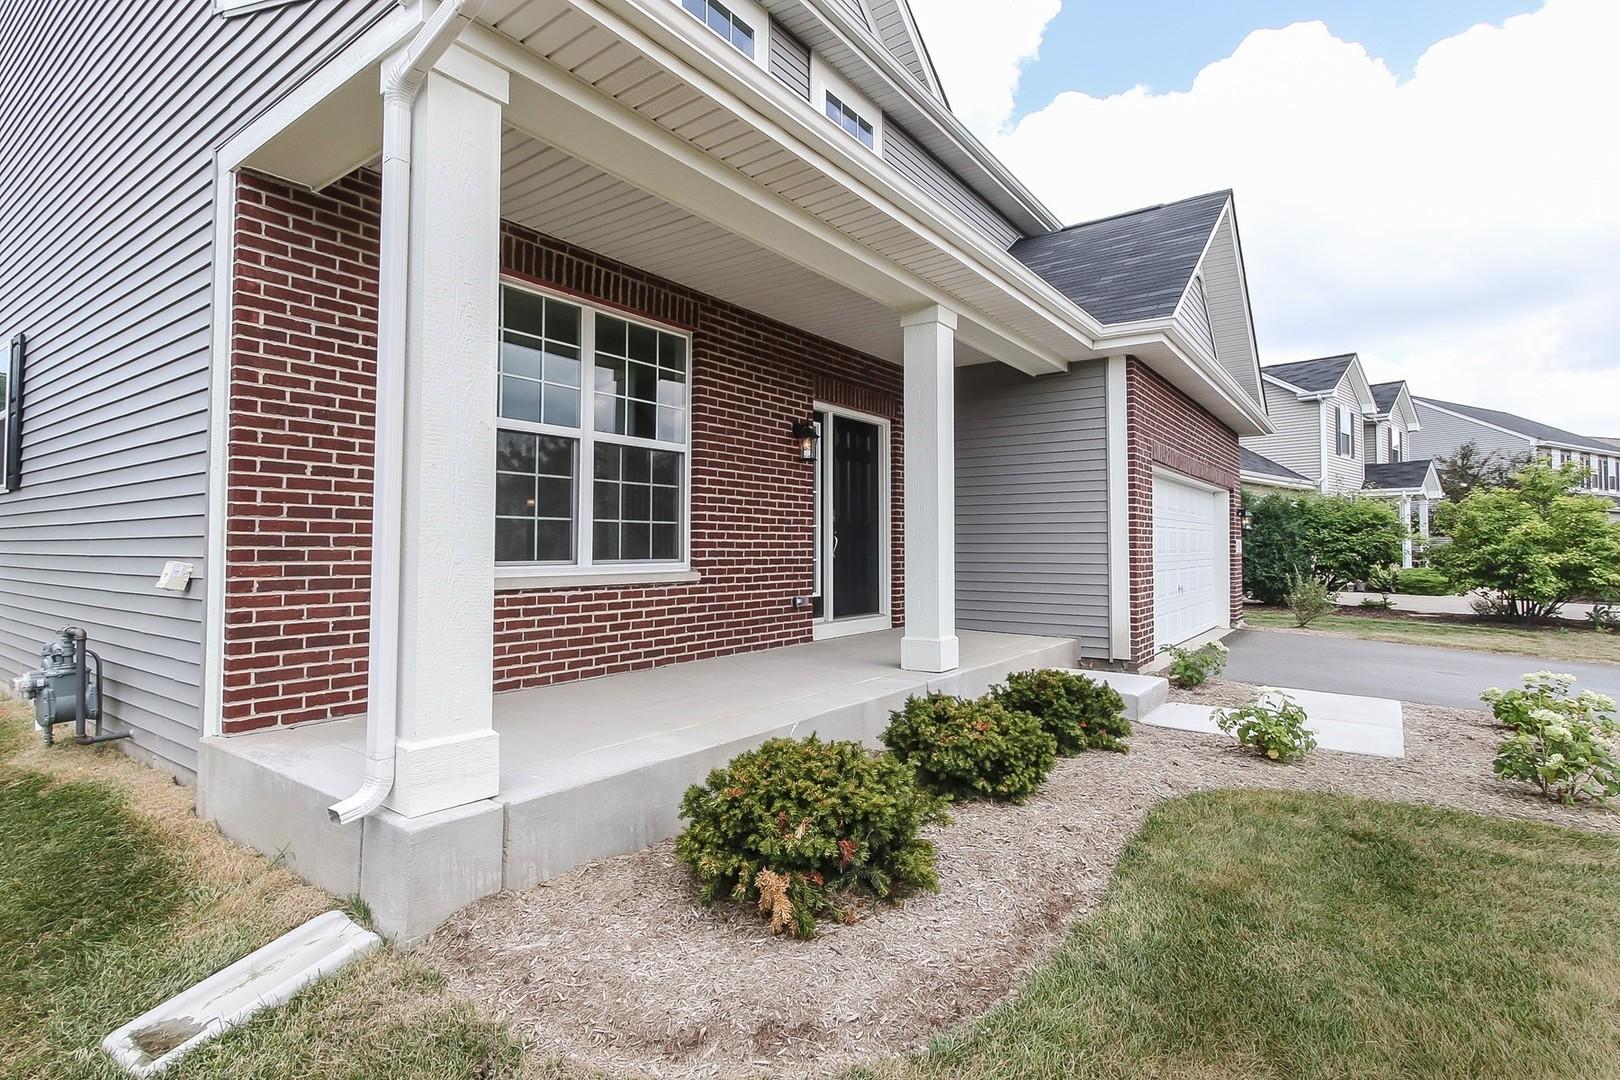 1119 Woodiris Lot# 113, Joliet, Illinois, 60431